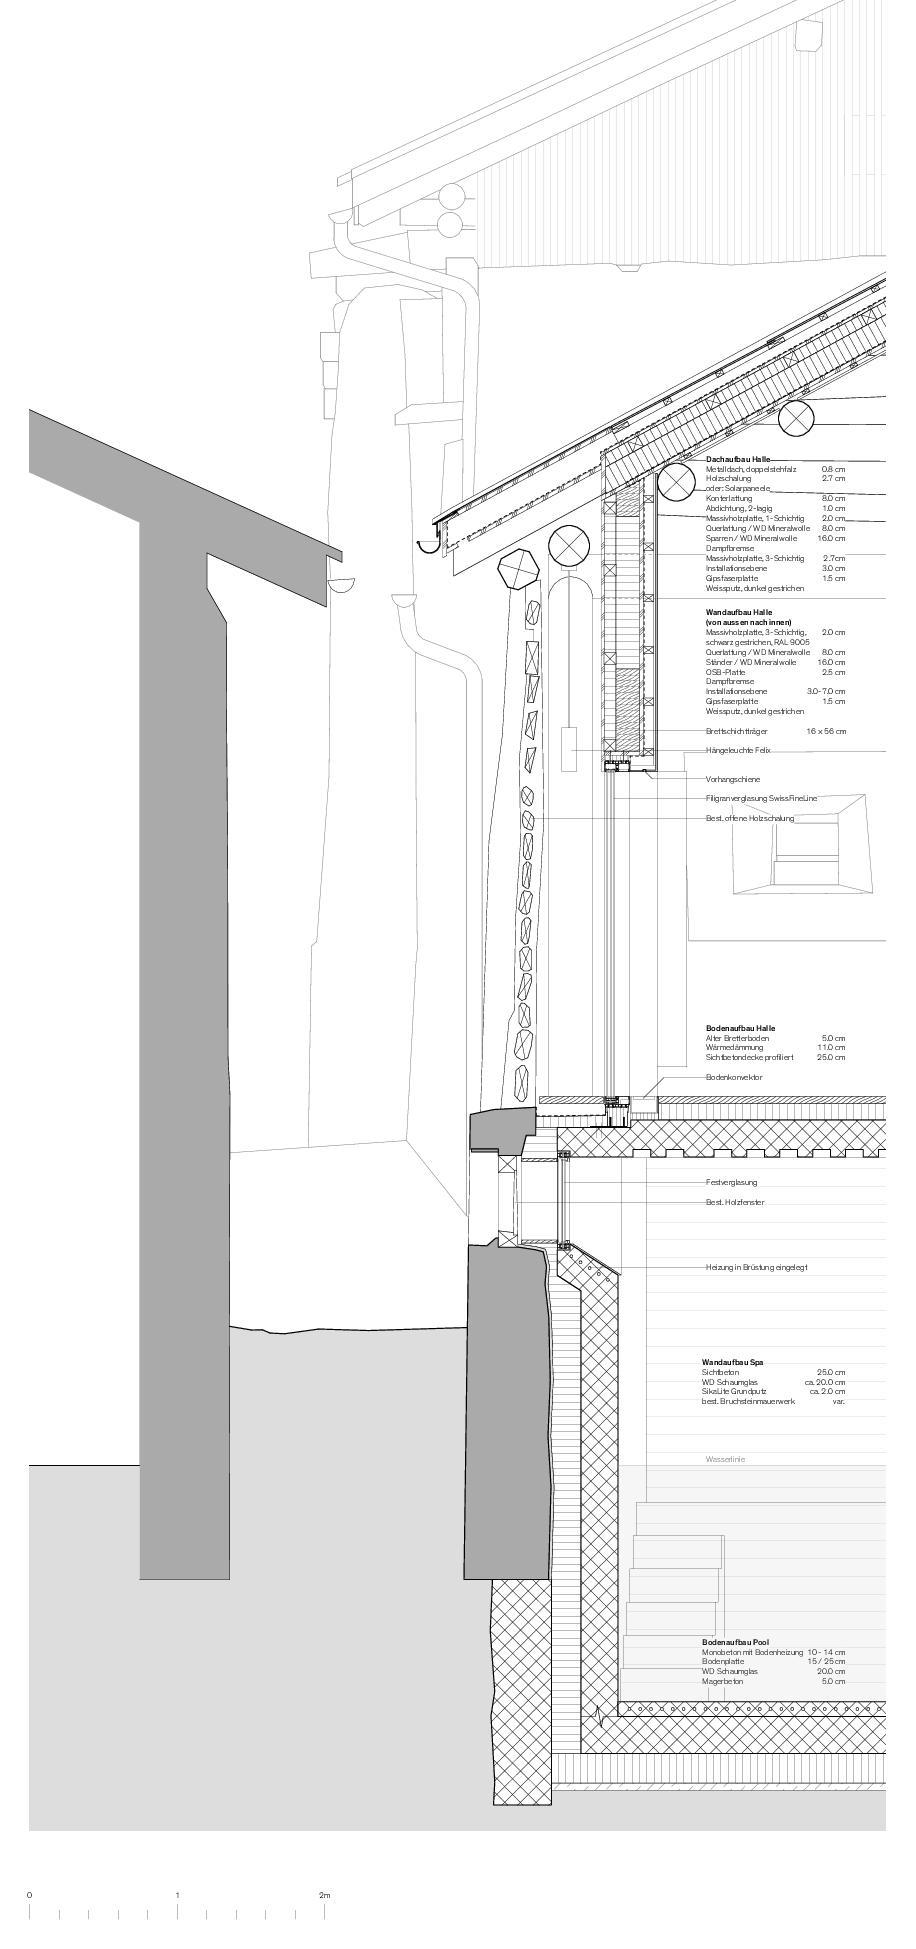 Détail Von der Ruine zum Nullenergiebilanzhaus de FELIX PARTNER Architektur und Design